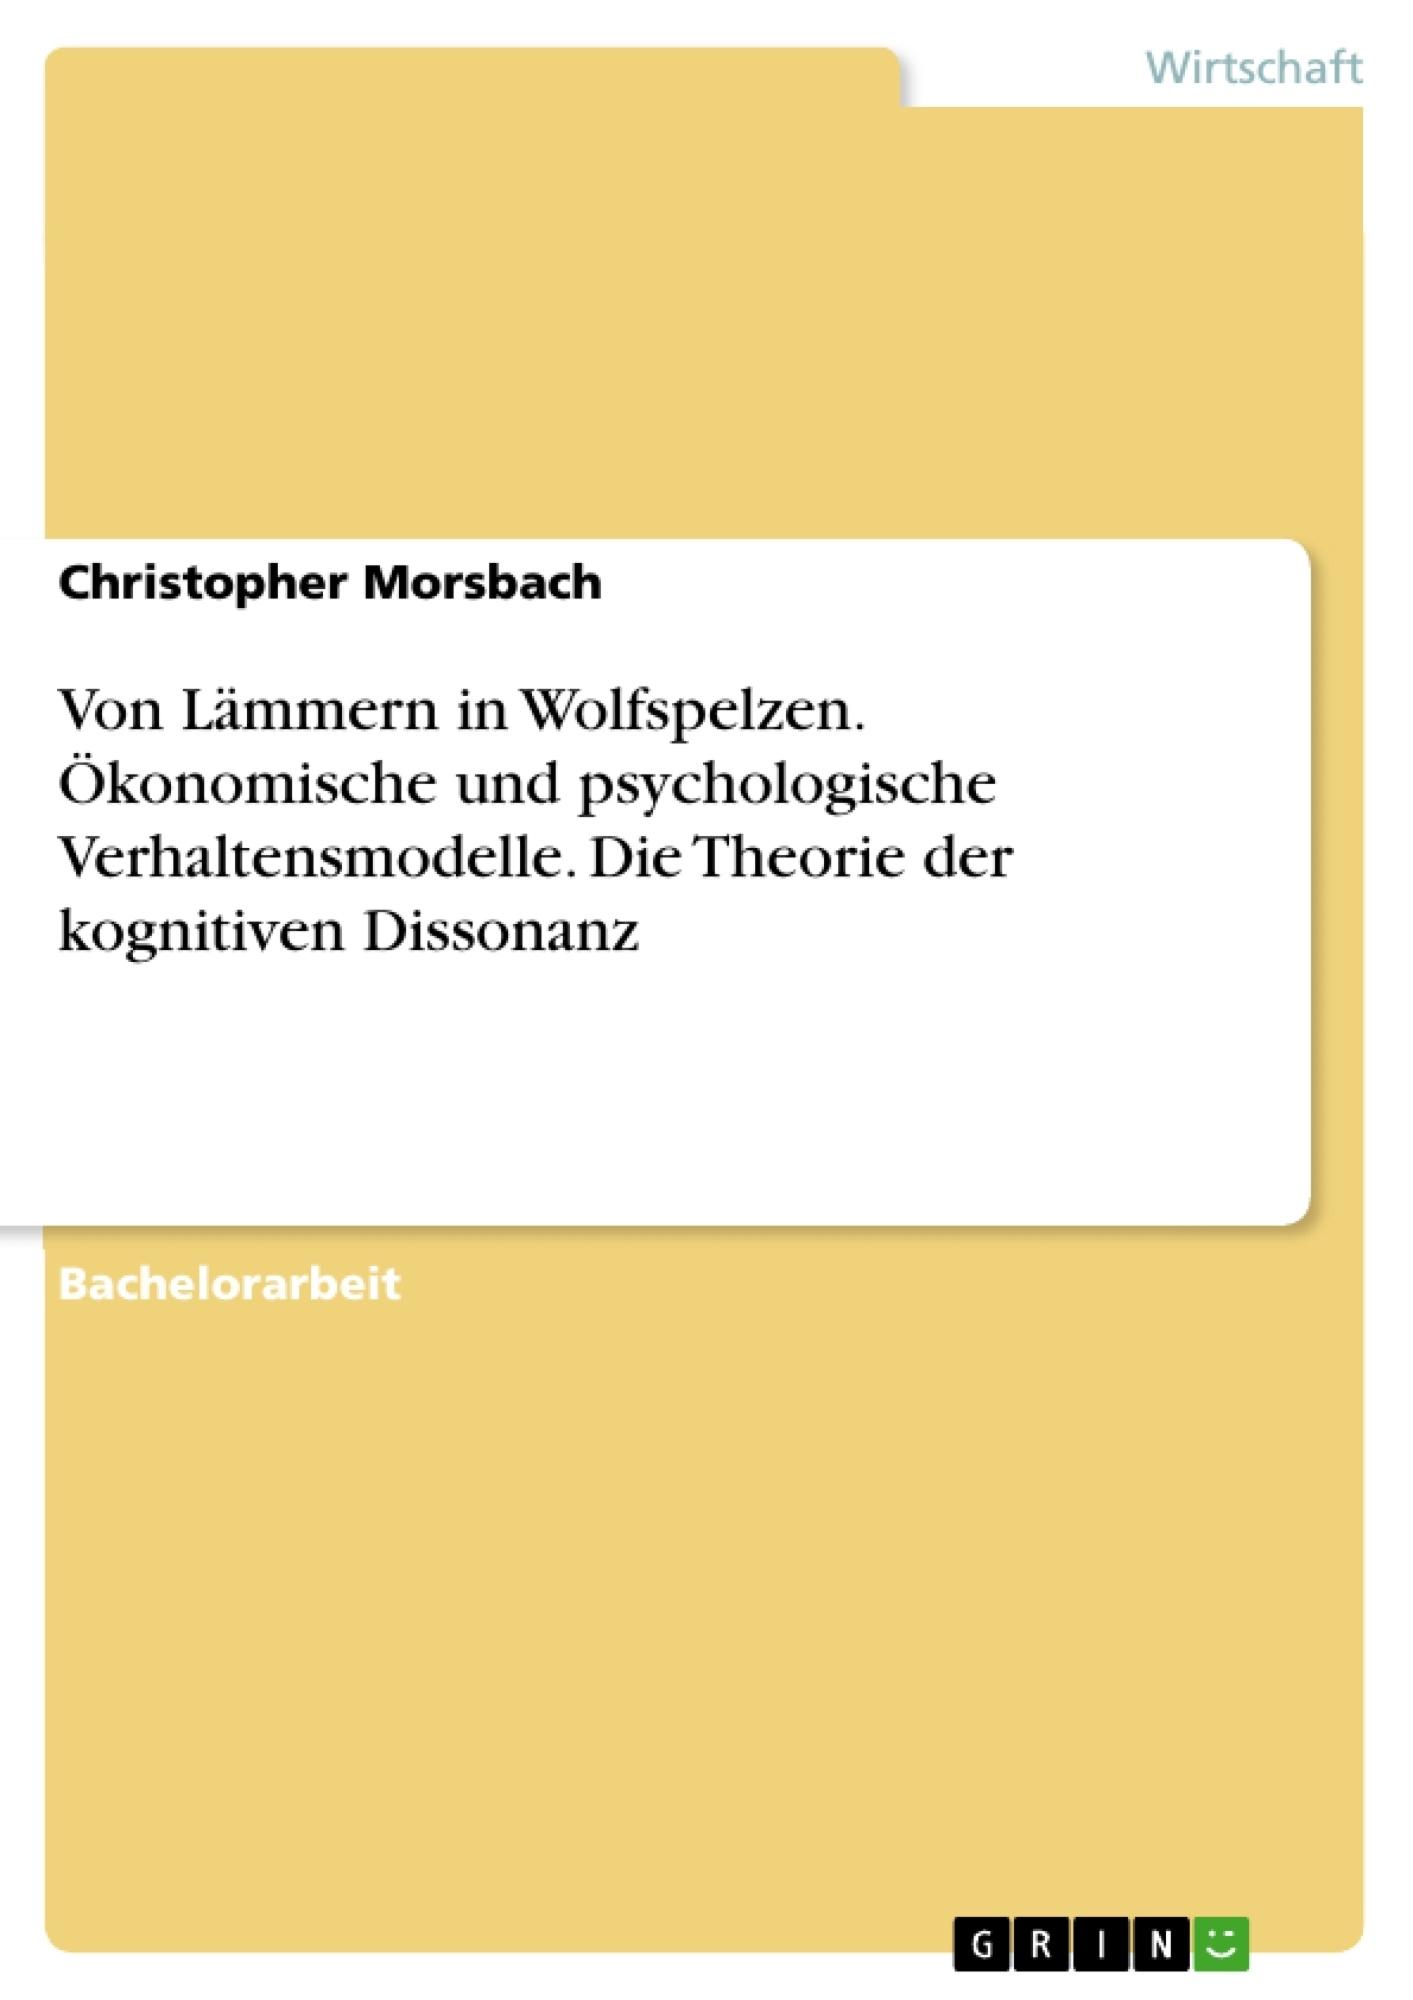 Titel: Von Lämmern in Wolfspelzen. Ökonomische und psychologische Verhaltensmodelle. Die Theorie der kognitiven Dissonanz